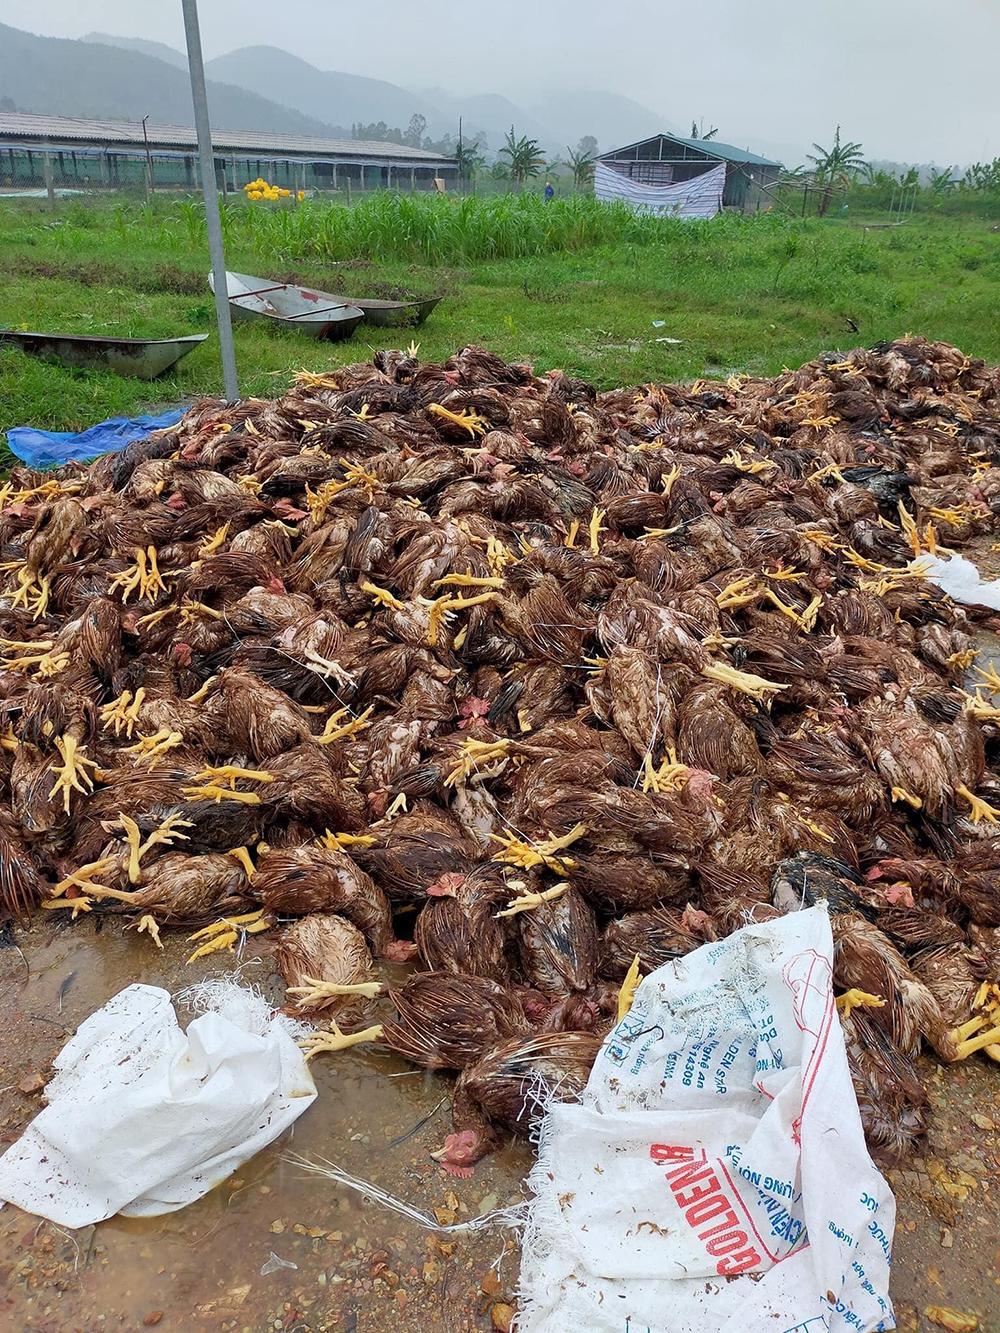 Hơn 10.000 con gà chết, anh Nhàn phải nhờ người dân quanh xóm phụvớt và tập trung lại một chỗ